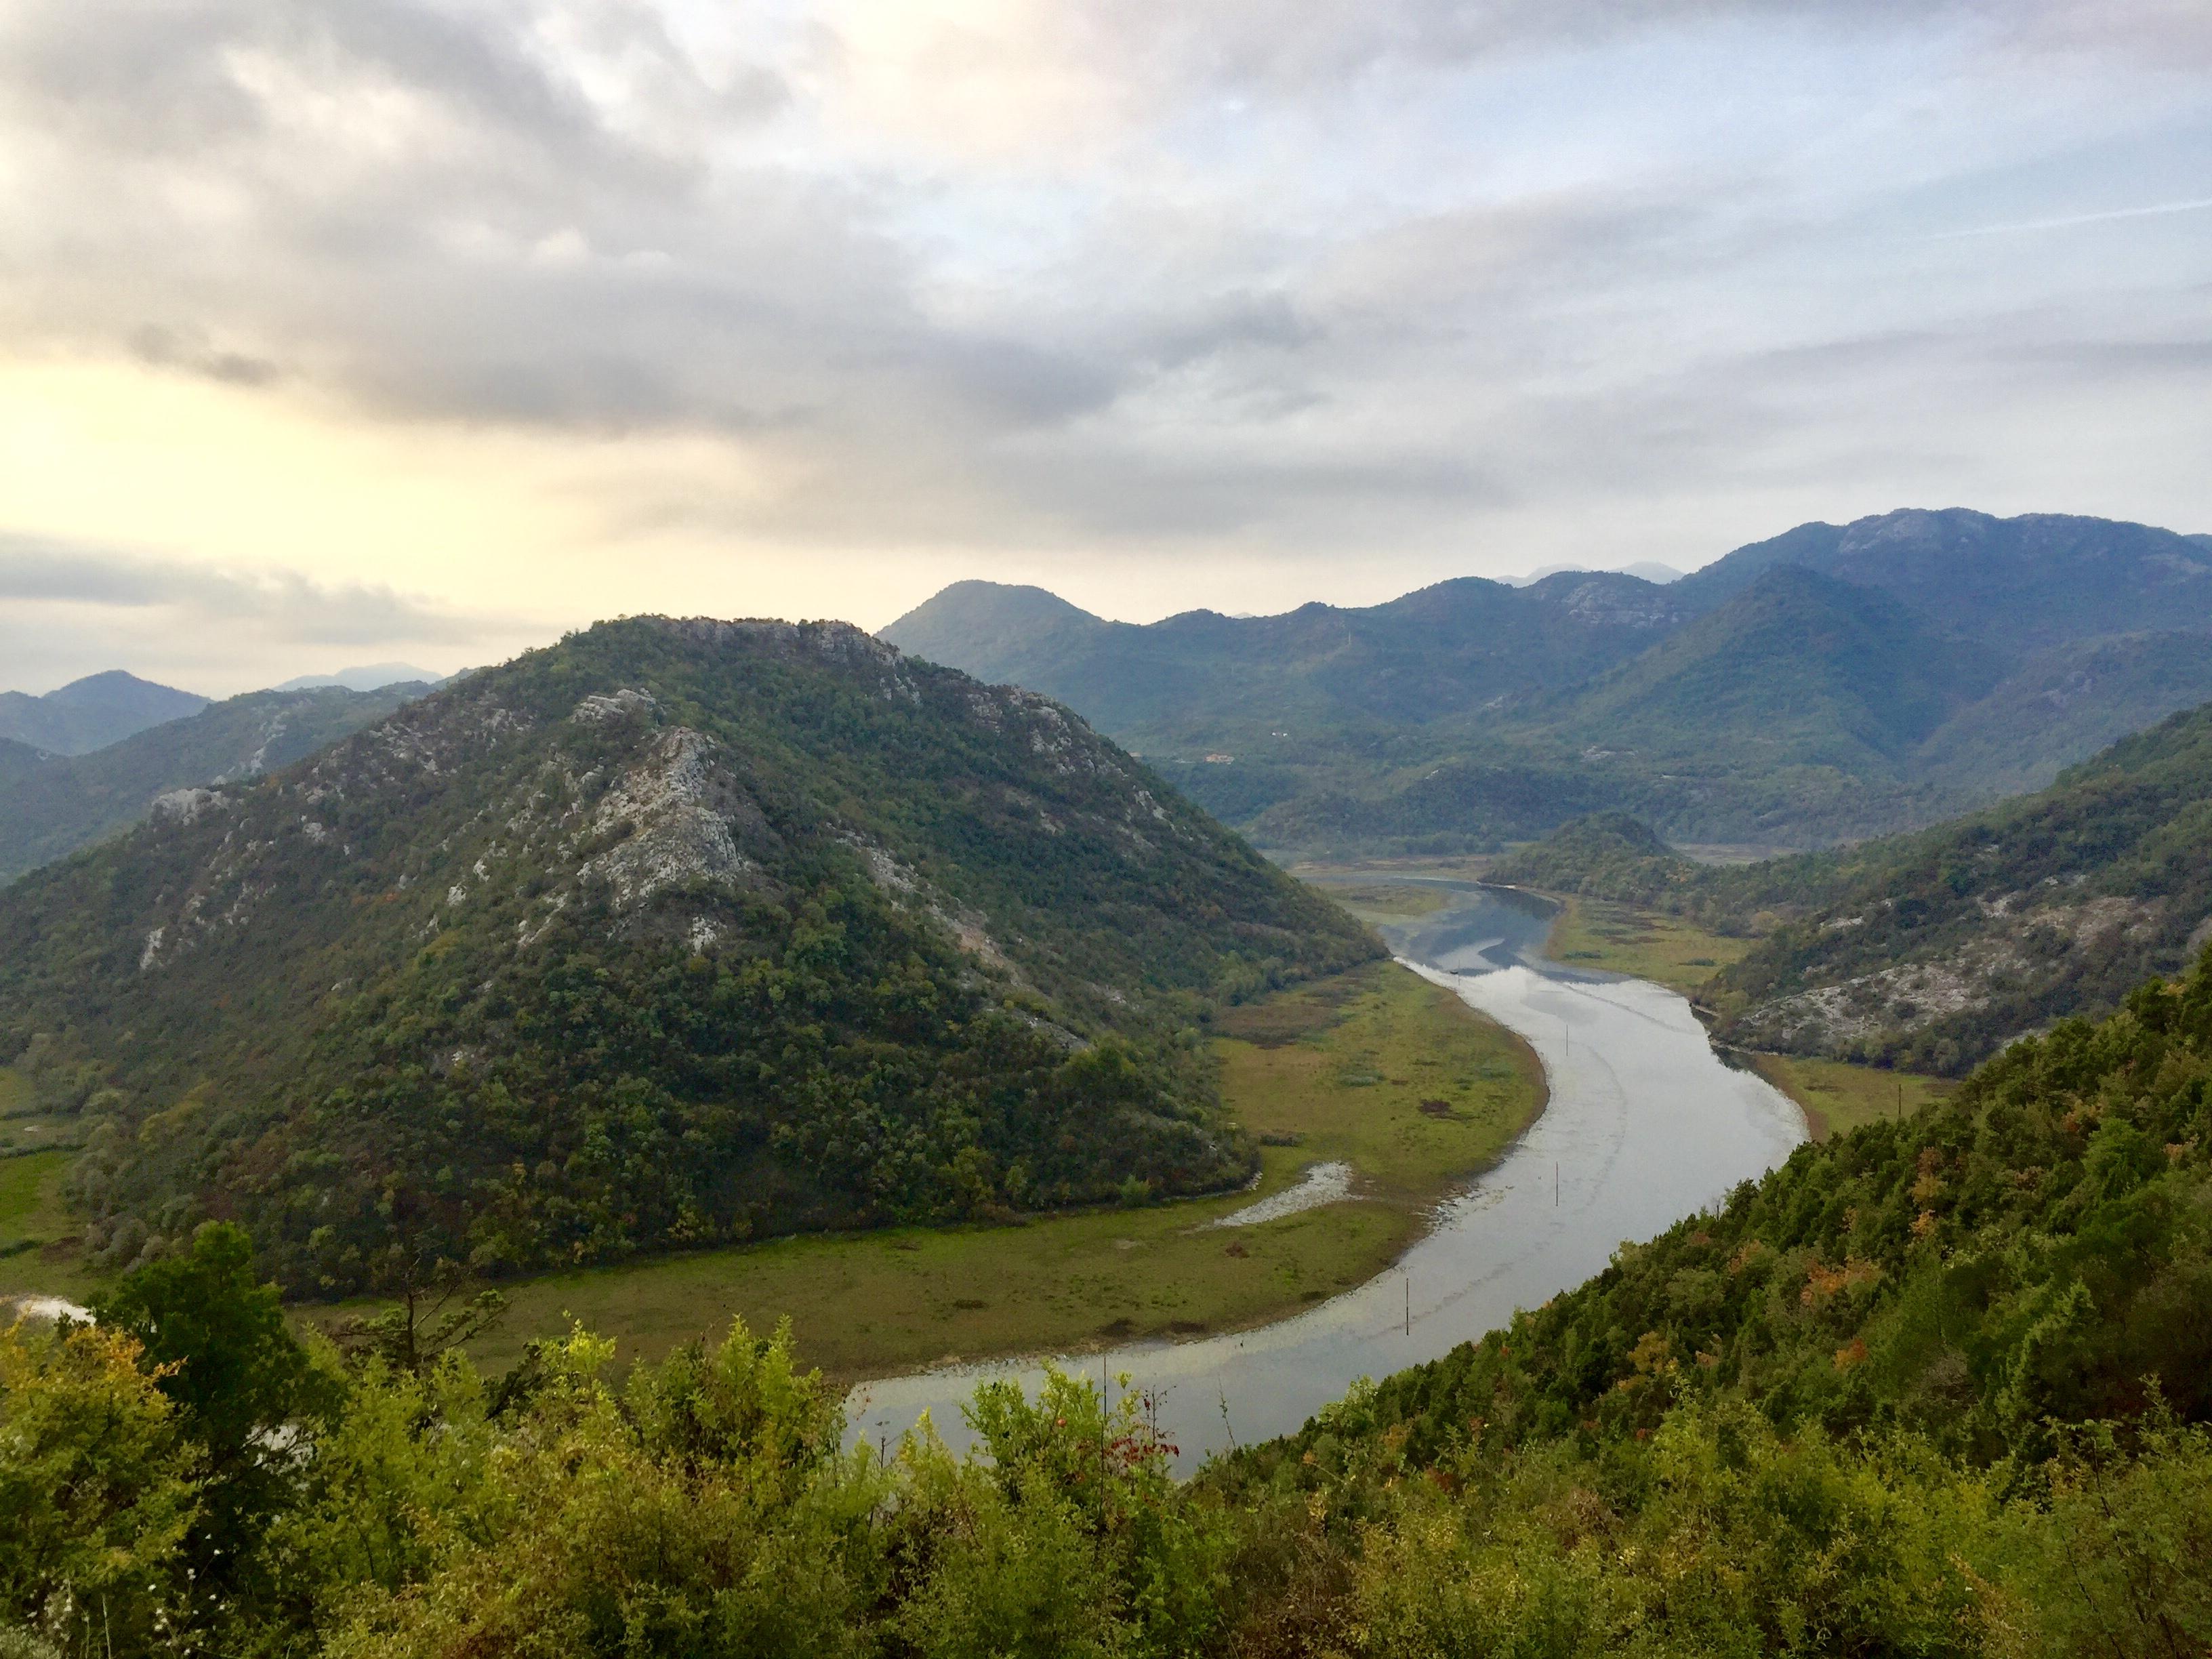 Alltagsträumer - Montenegro - Lake Skadar